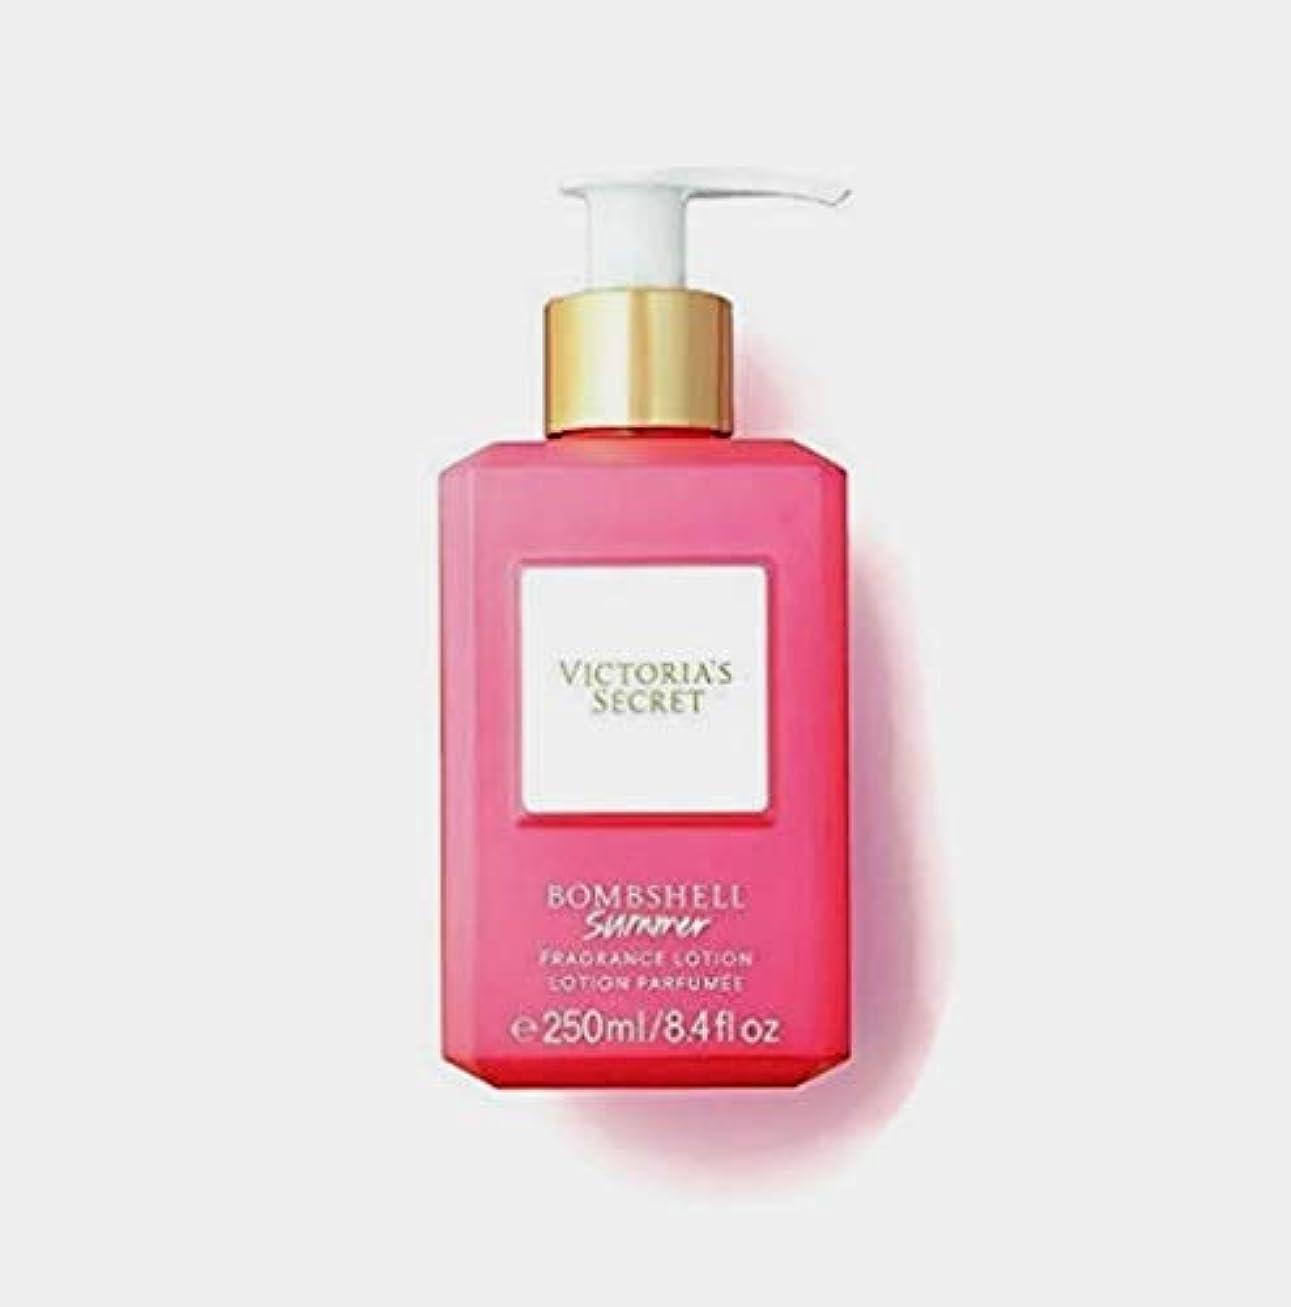 振動する重要な壁紙【並行輸入品】Victoria's Secret Bombshell Summer Fragrance Lotion ヴィクトリアズシークレットボムシェルサマーローション